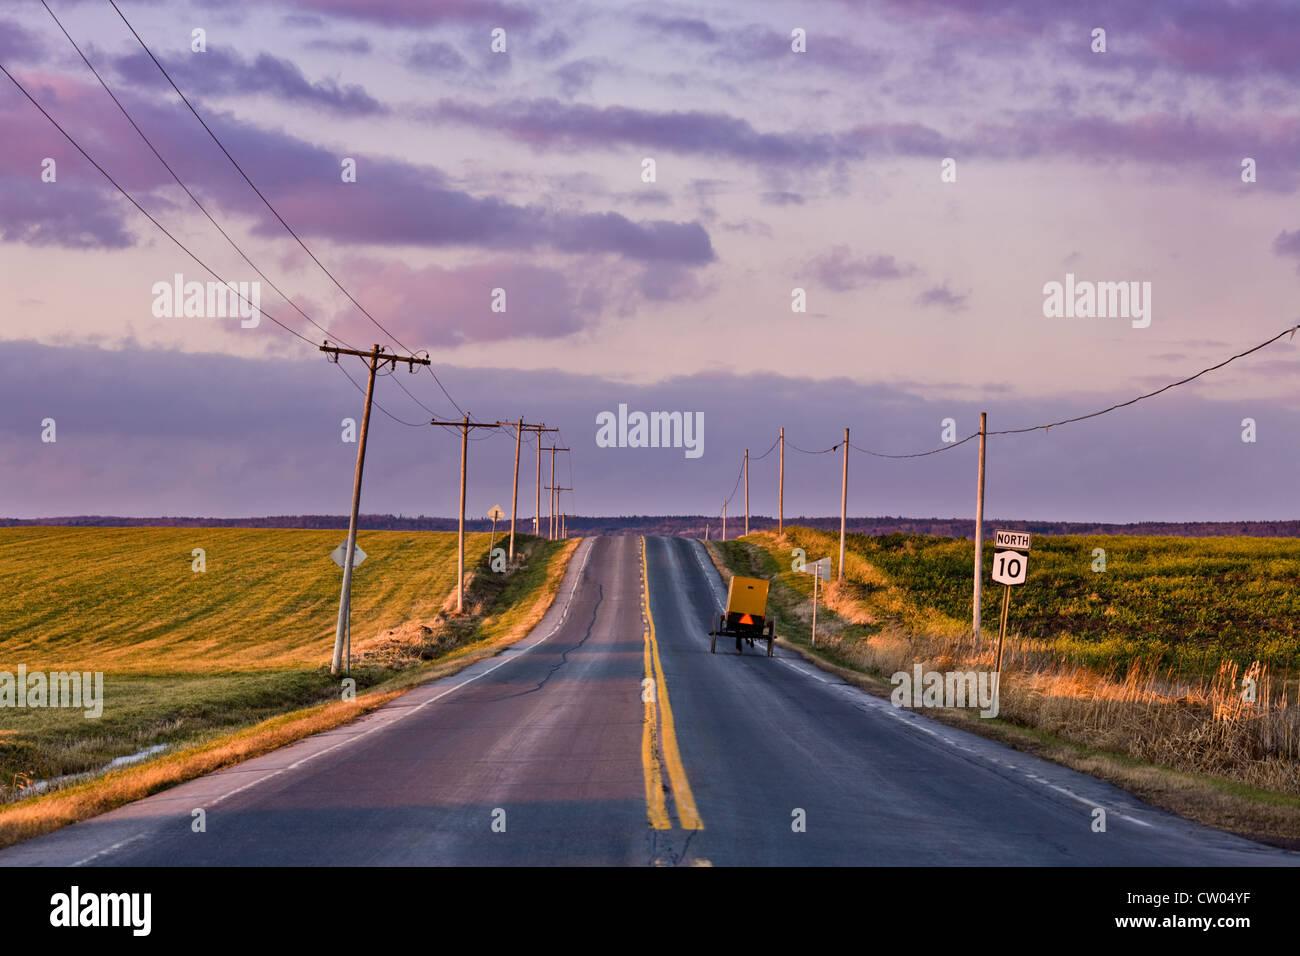 Amische Buggy unterwegs eine Straße in Farm Land, Spätherbst, Mohawk Valley, New York Zentralstaat Stockbild